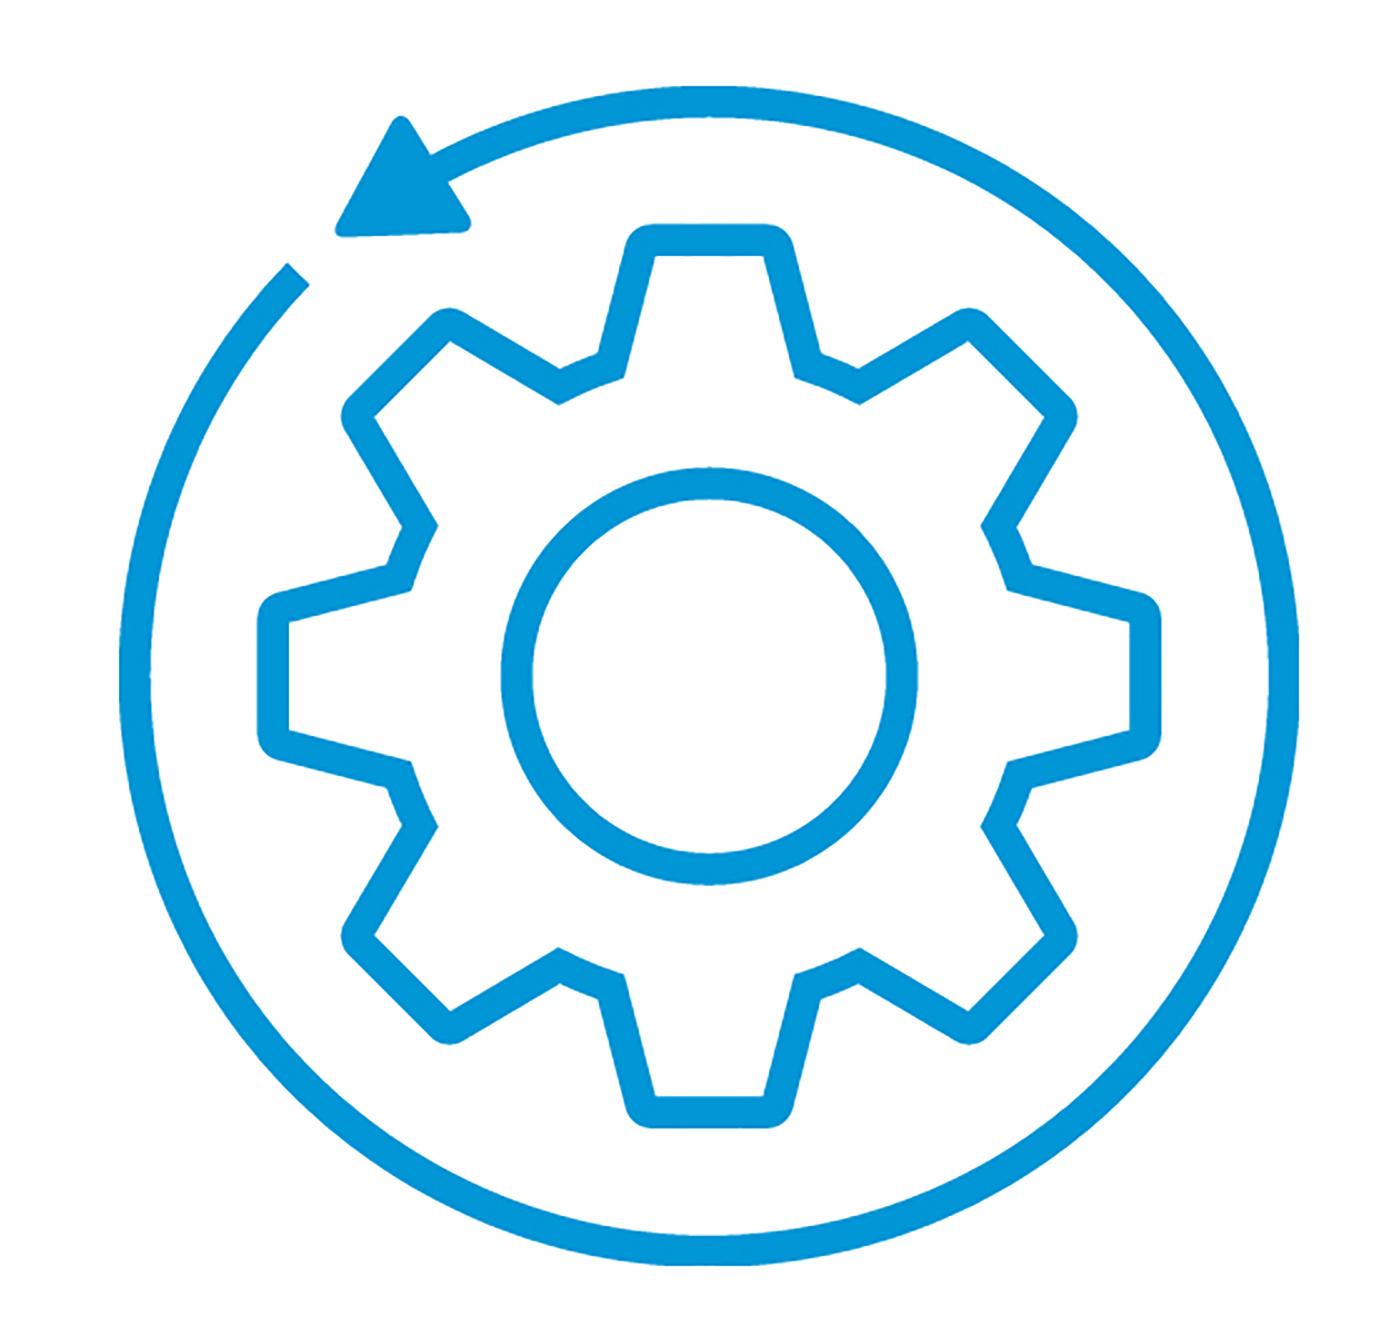 HP Servicio estándar de 3 años de gestión proactiva DaaS al siguiente día laborable in situ para Sprout AIO